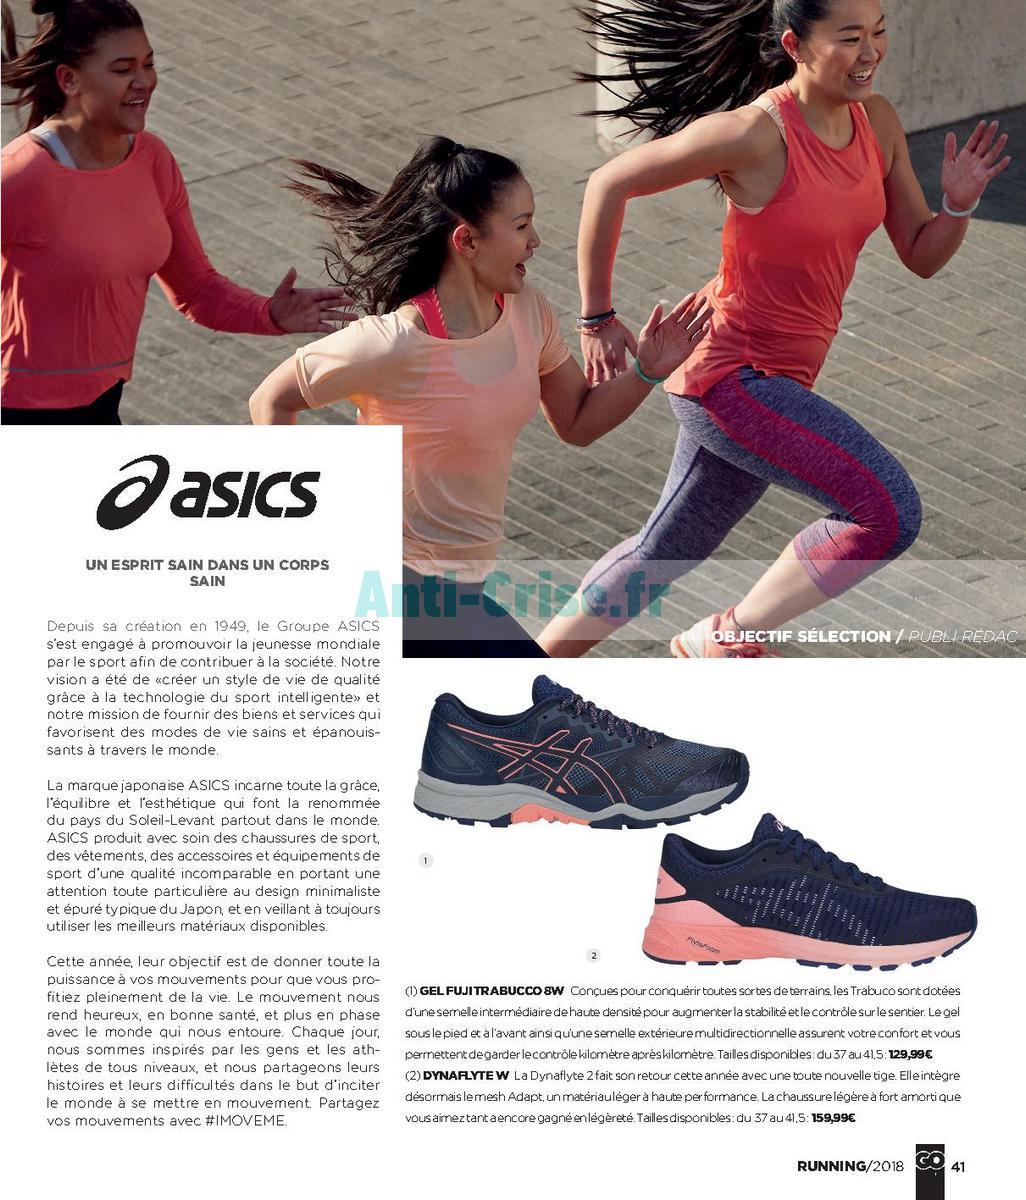 septembre2018 Catalogue Go Sport du 28 avril au 21 septembre 2018 (Running) (41)